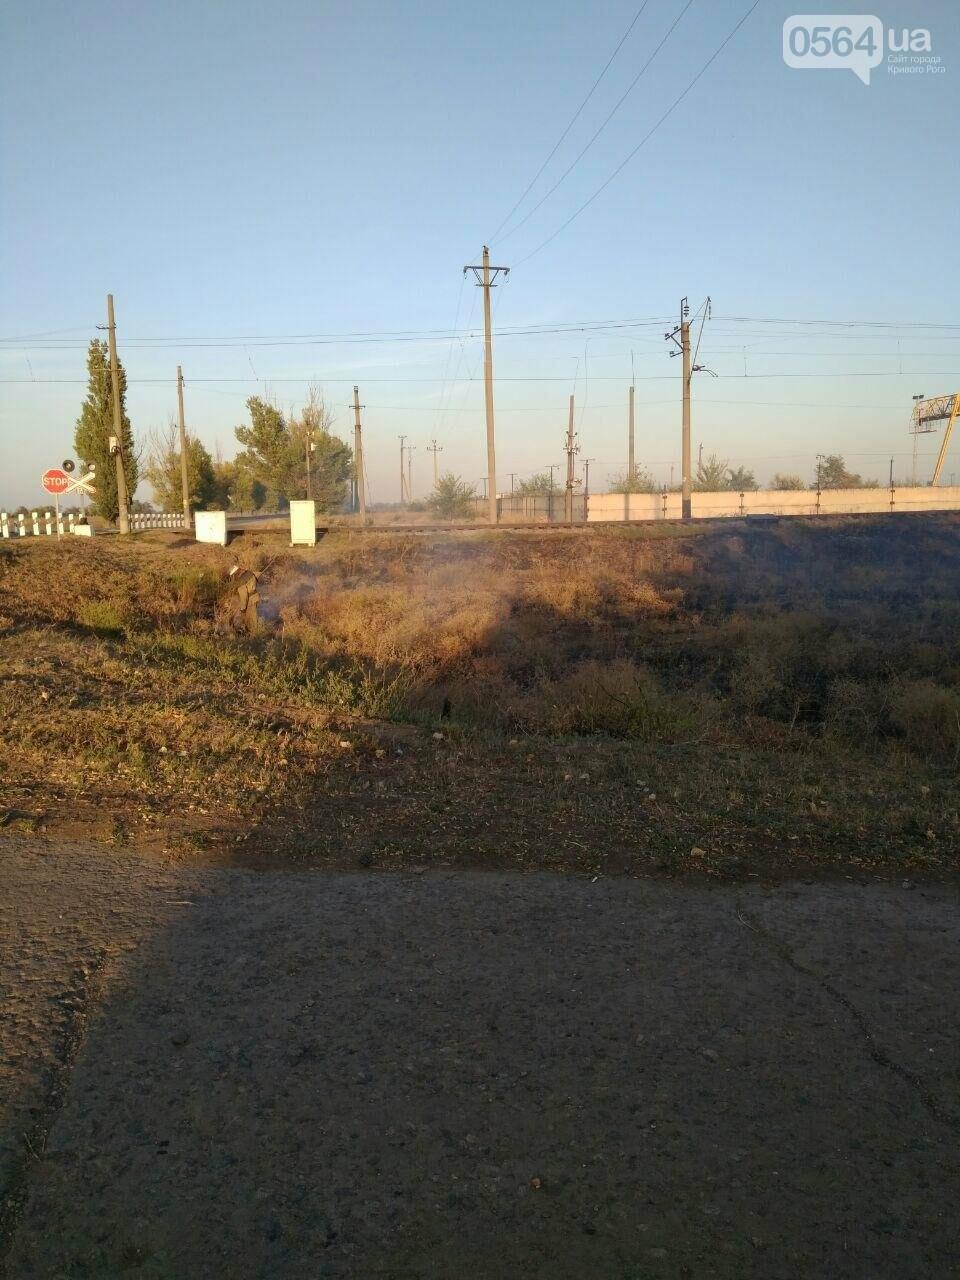 В Криворожском районе загорелась лесопосадка возле железной дороги, - ФОТО , фото-5